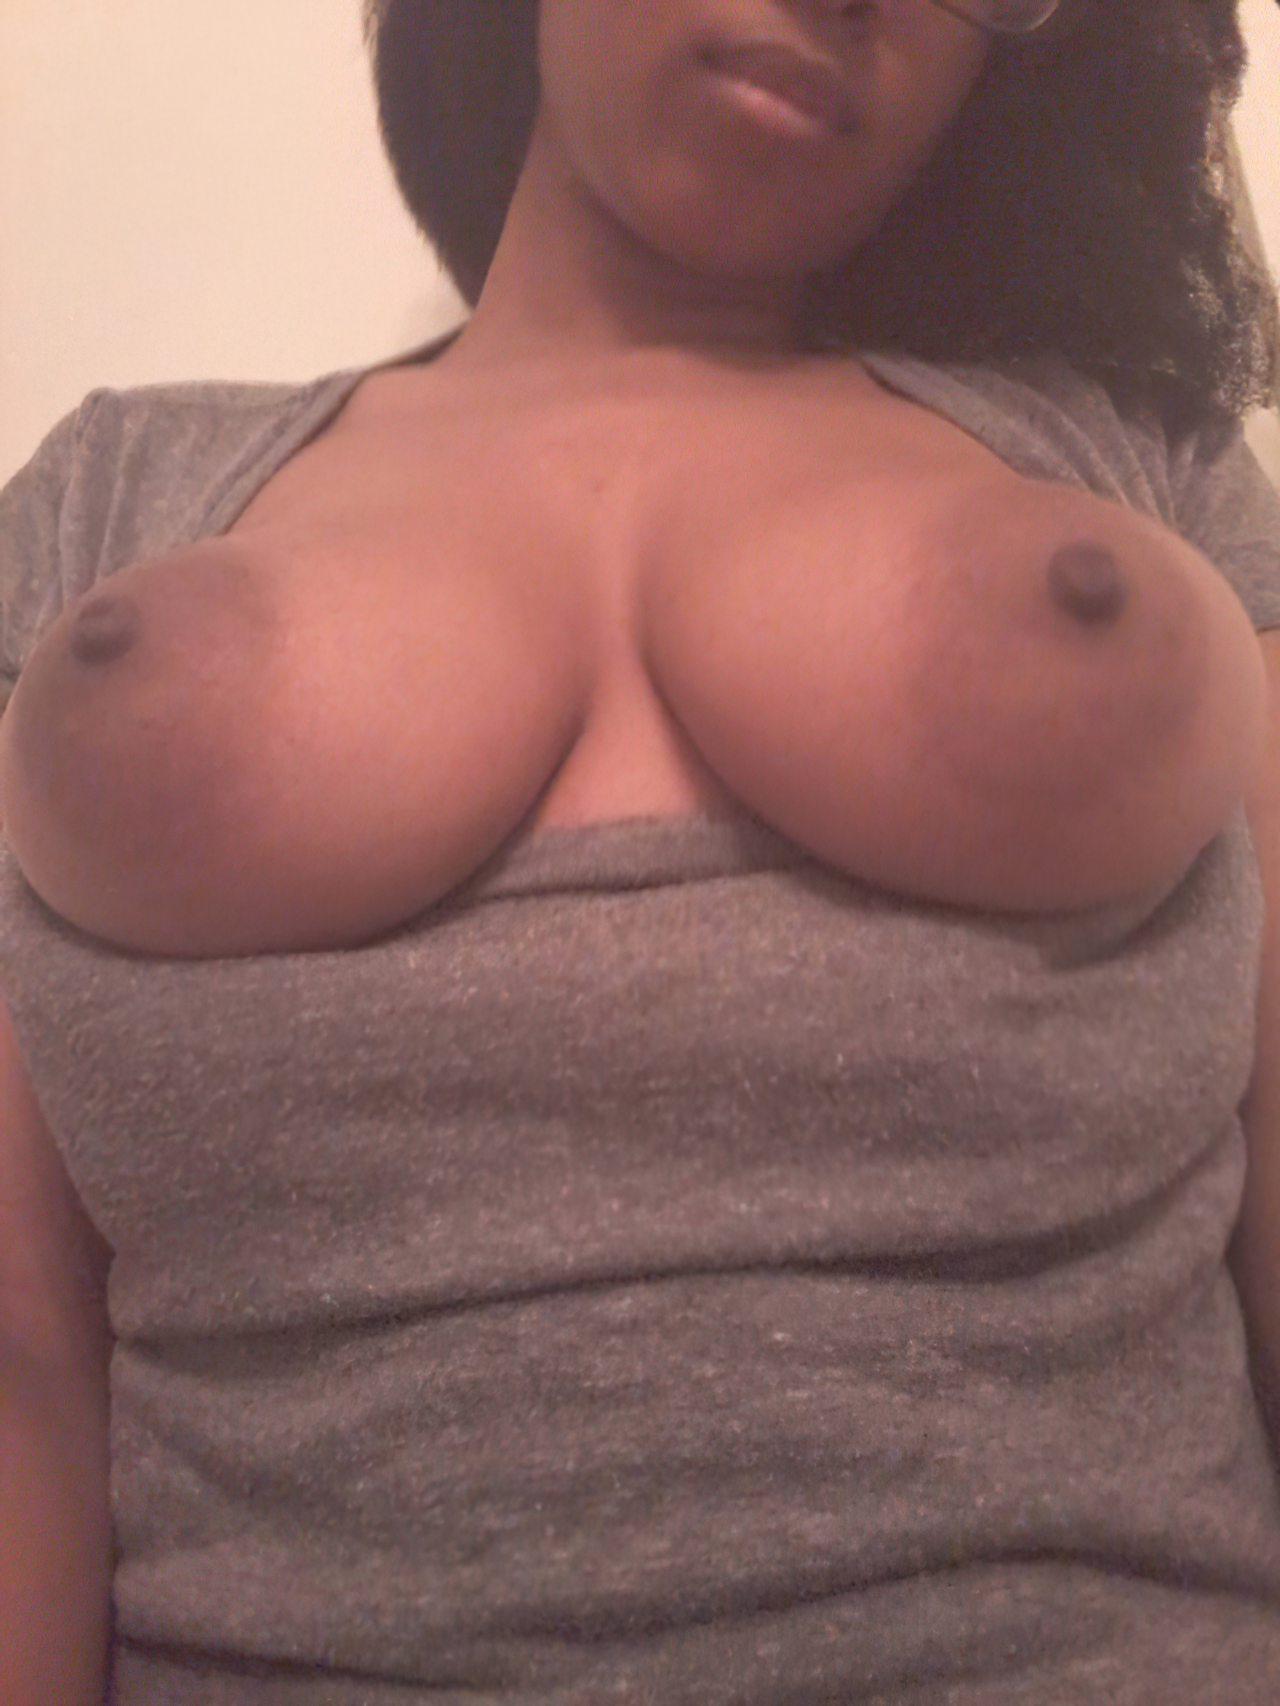 Nudes Morena Adolescente (17)